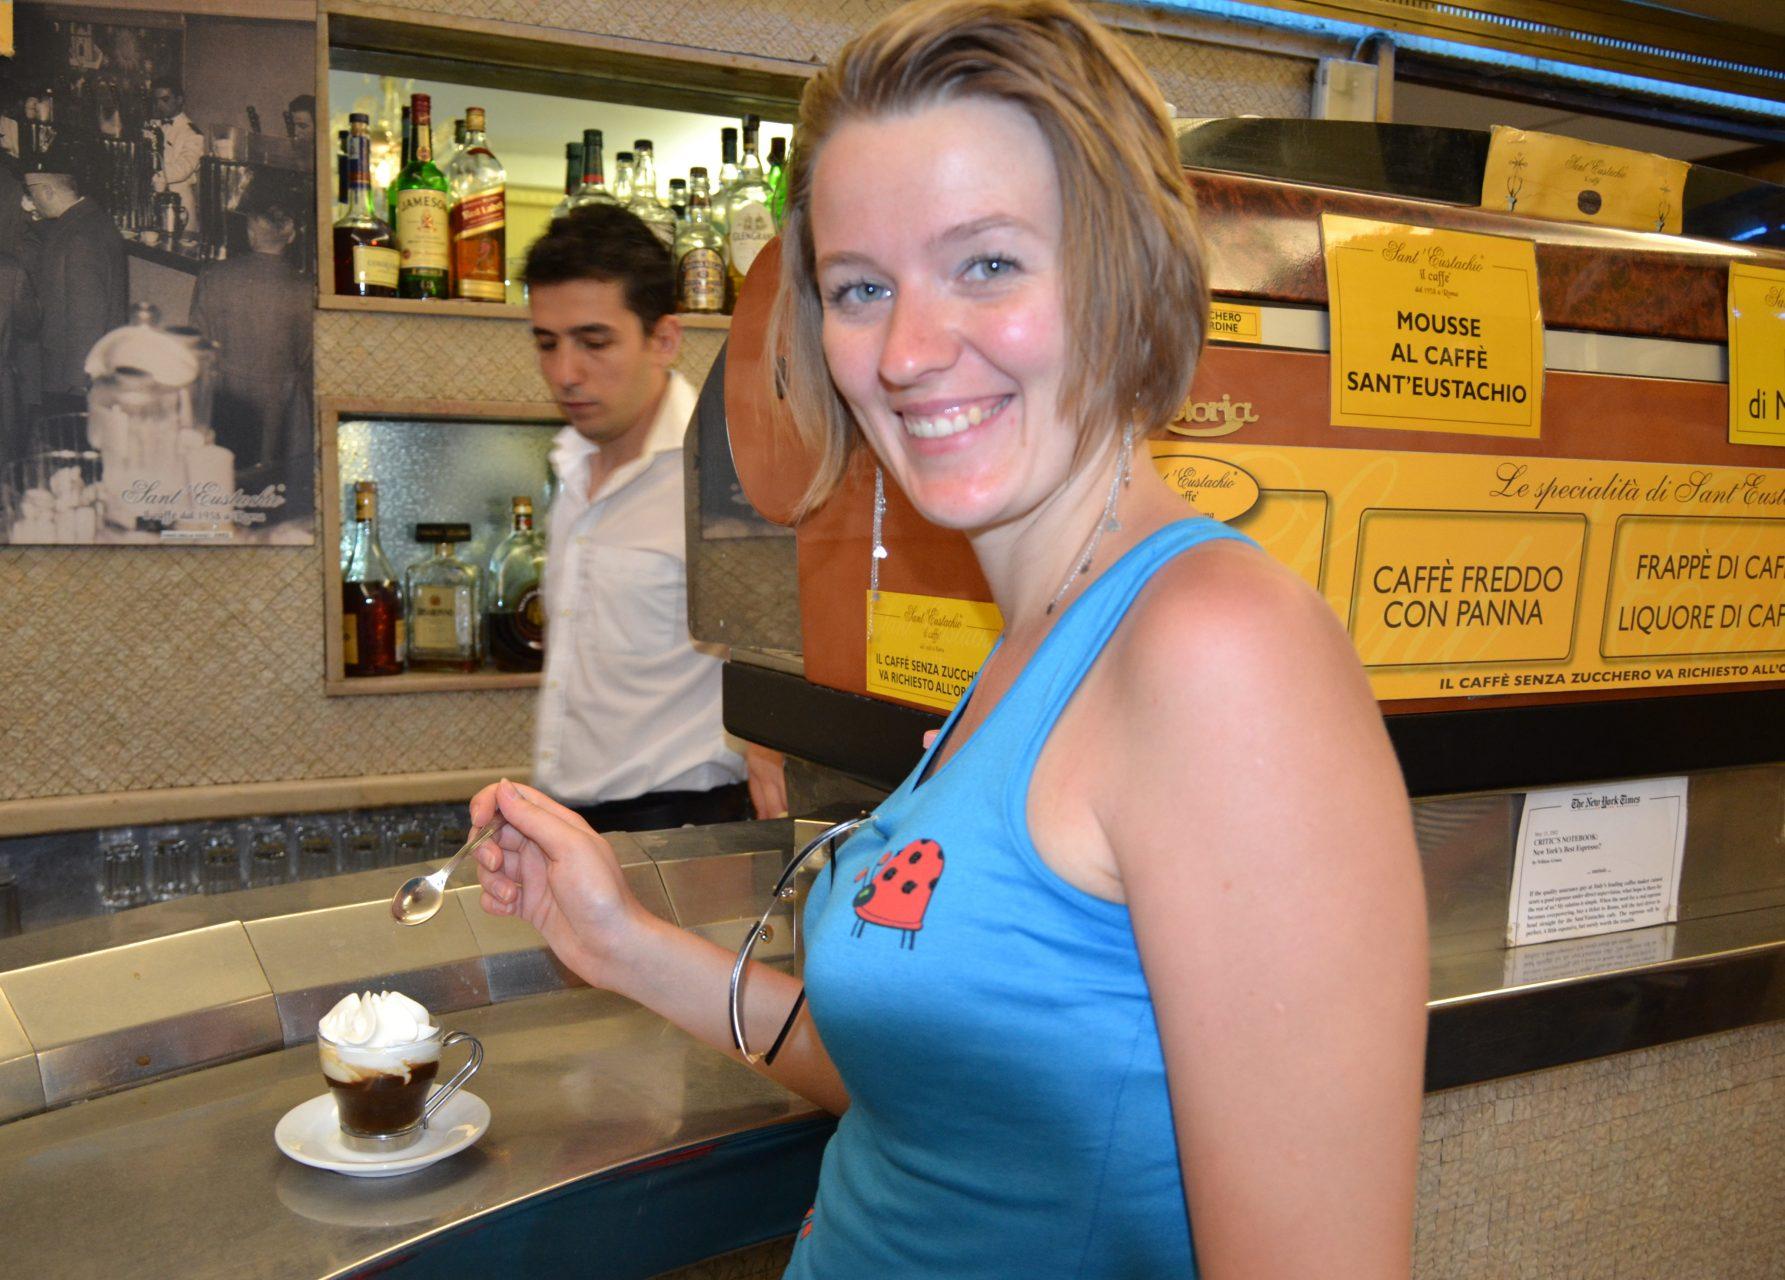 Где выпить кофе в Риме - Sant Eustacchio il Caffe